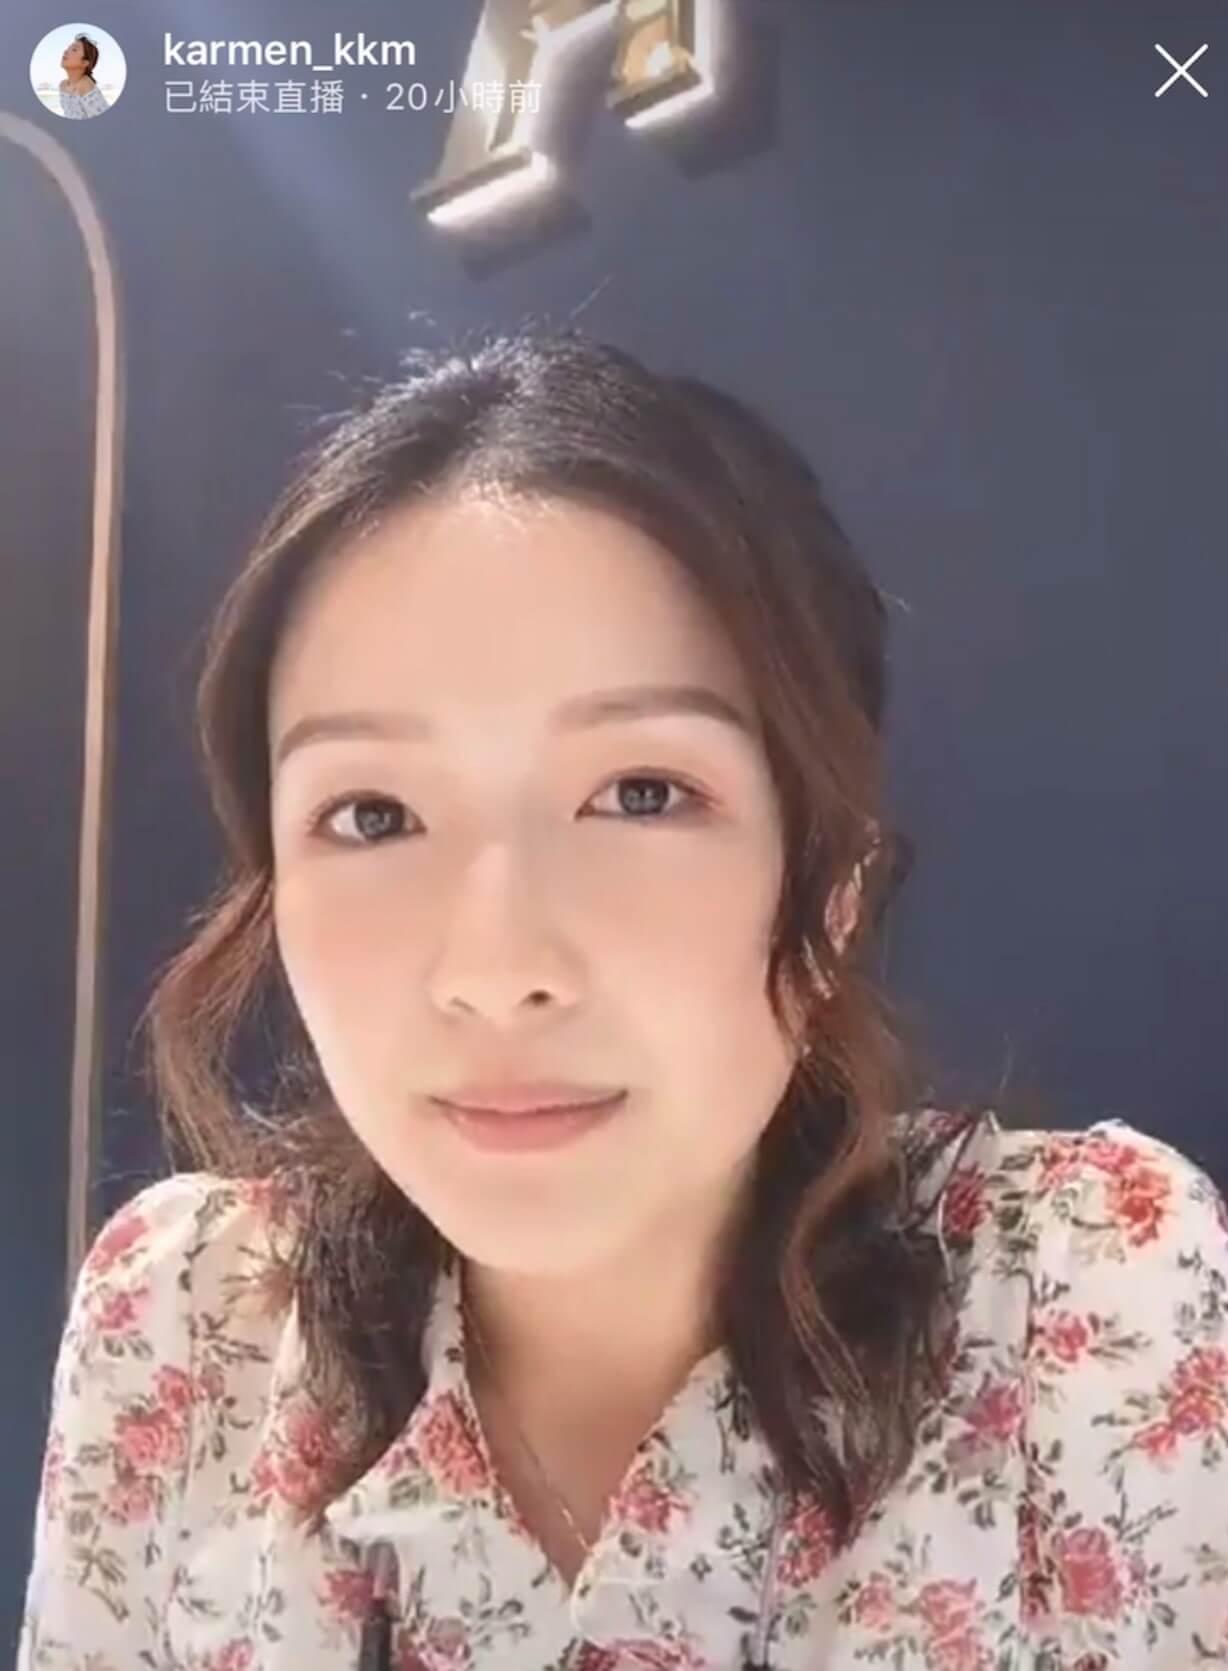 郭嘉文直播期間也有觀眾問她的感情生活,但她未有透露。